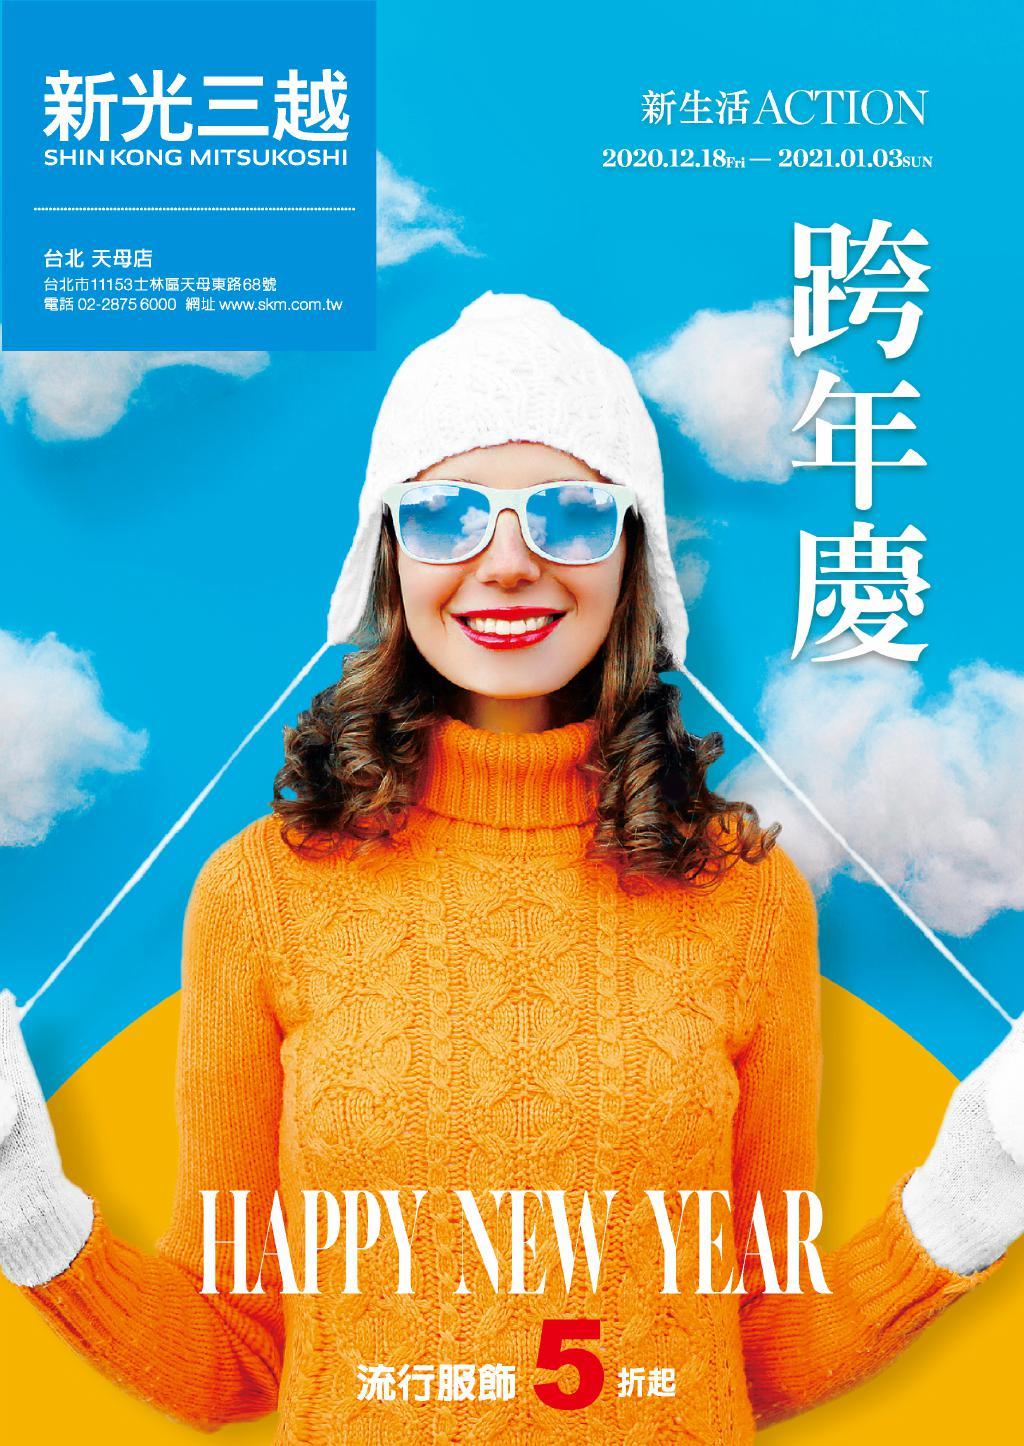 新光三越《台北天母店》DM 2020》2021 跨年慶 【2021/1/3 止】